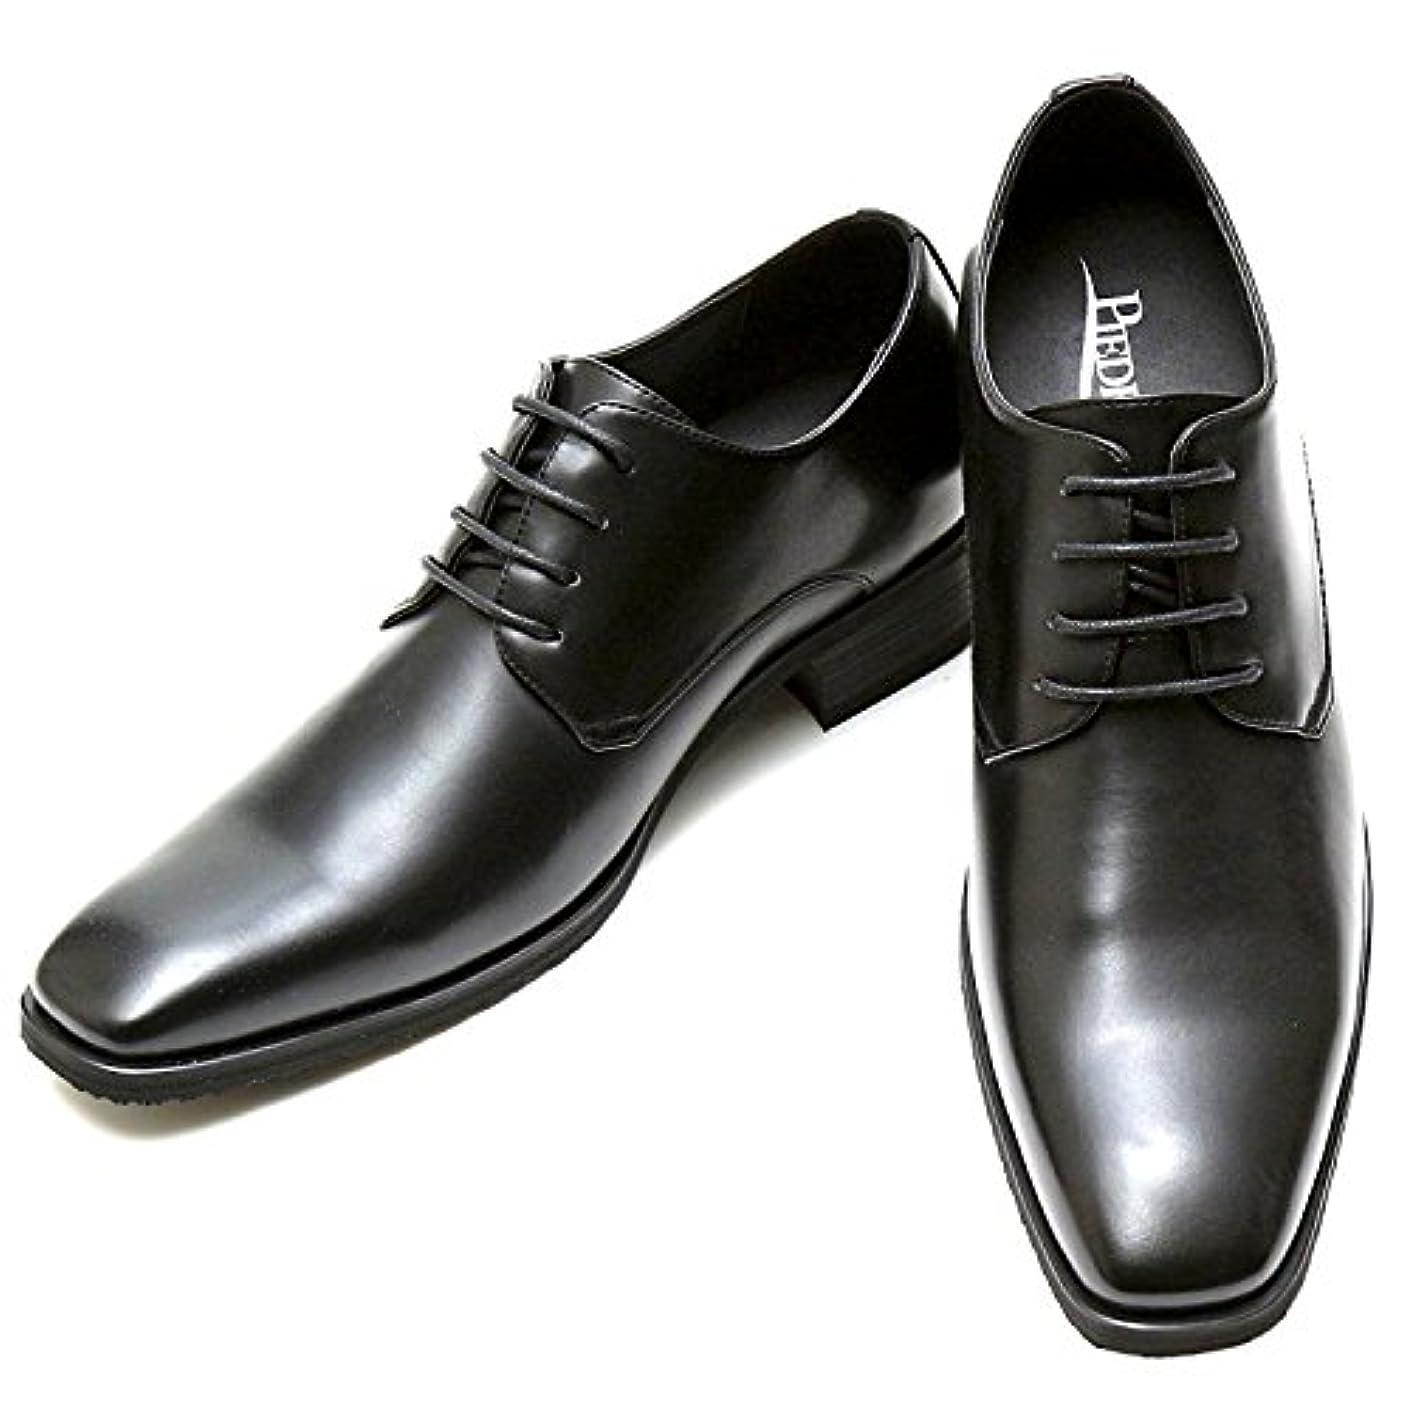 市民悲しみ活気づくシークレットシューズ 7cm身長アップ ビジネスシューズ 紳士靴 外羽根 kk5-100